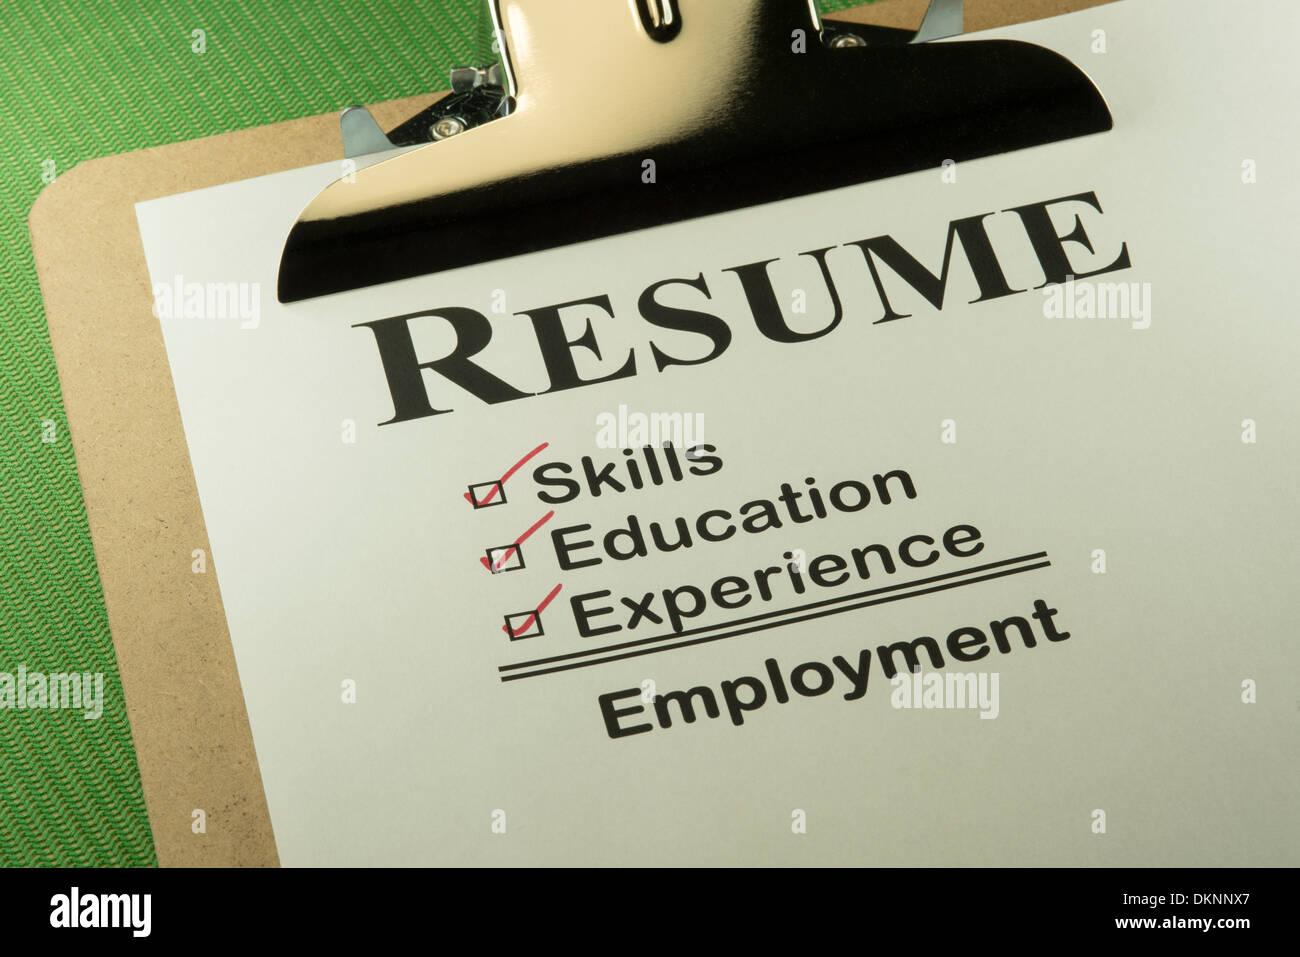 Candidato Reanudar requiere habilidades, educación y experiencia para encontrar empleo Imagen De Stock